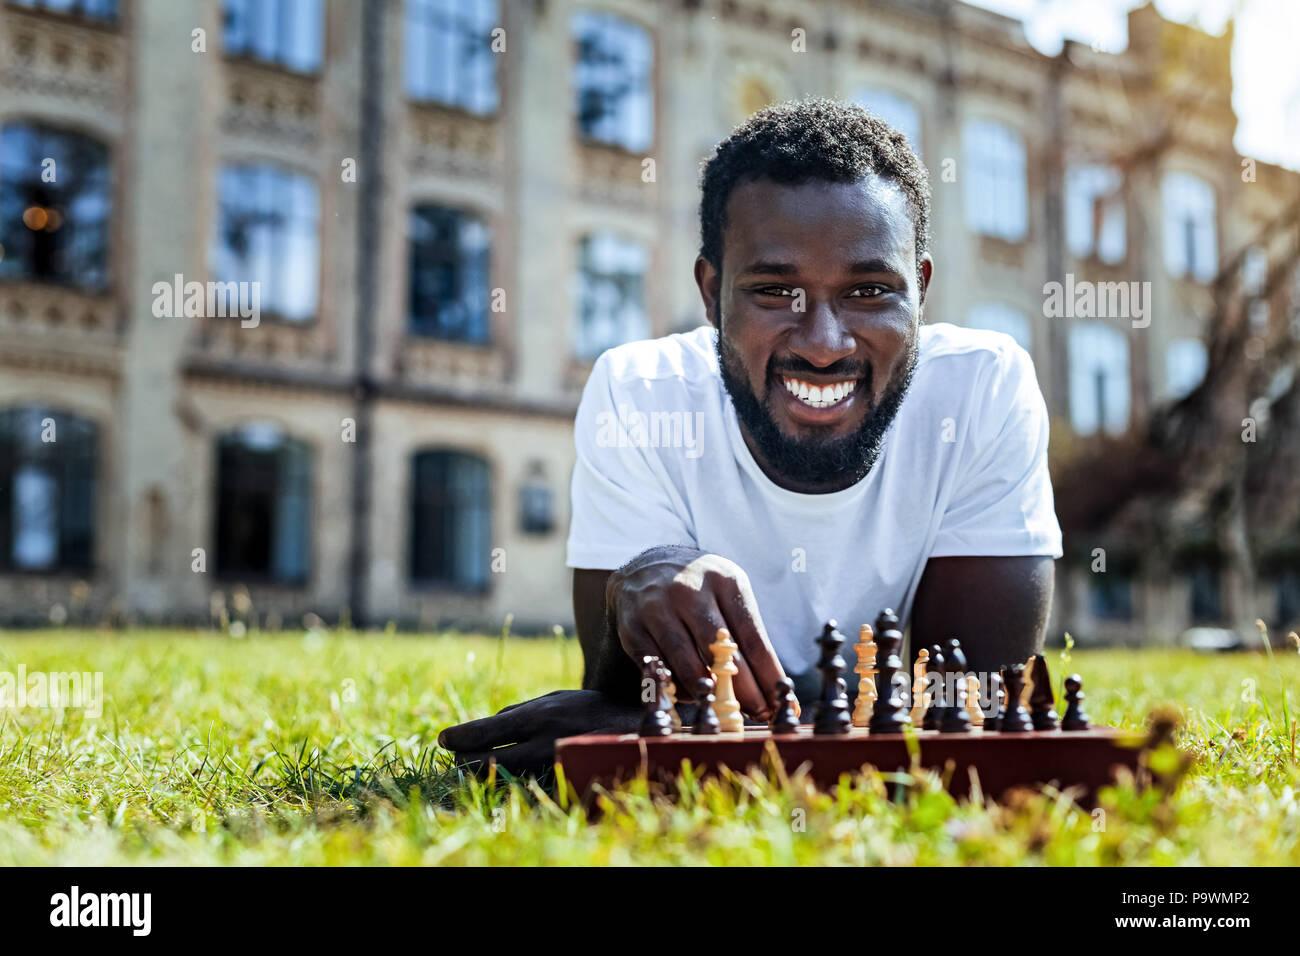 Transmission de jeune homme jouant aux échecs en plein air Banque D'Images